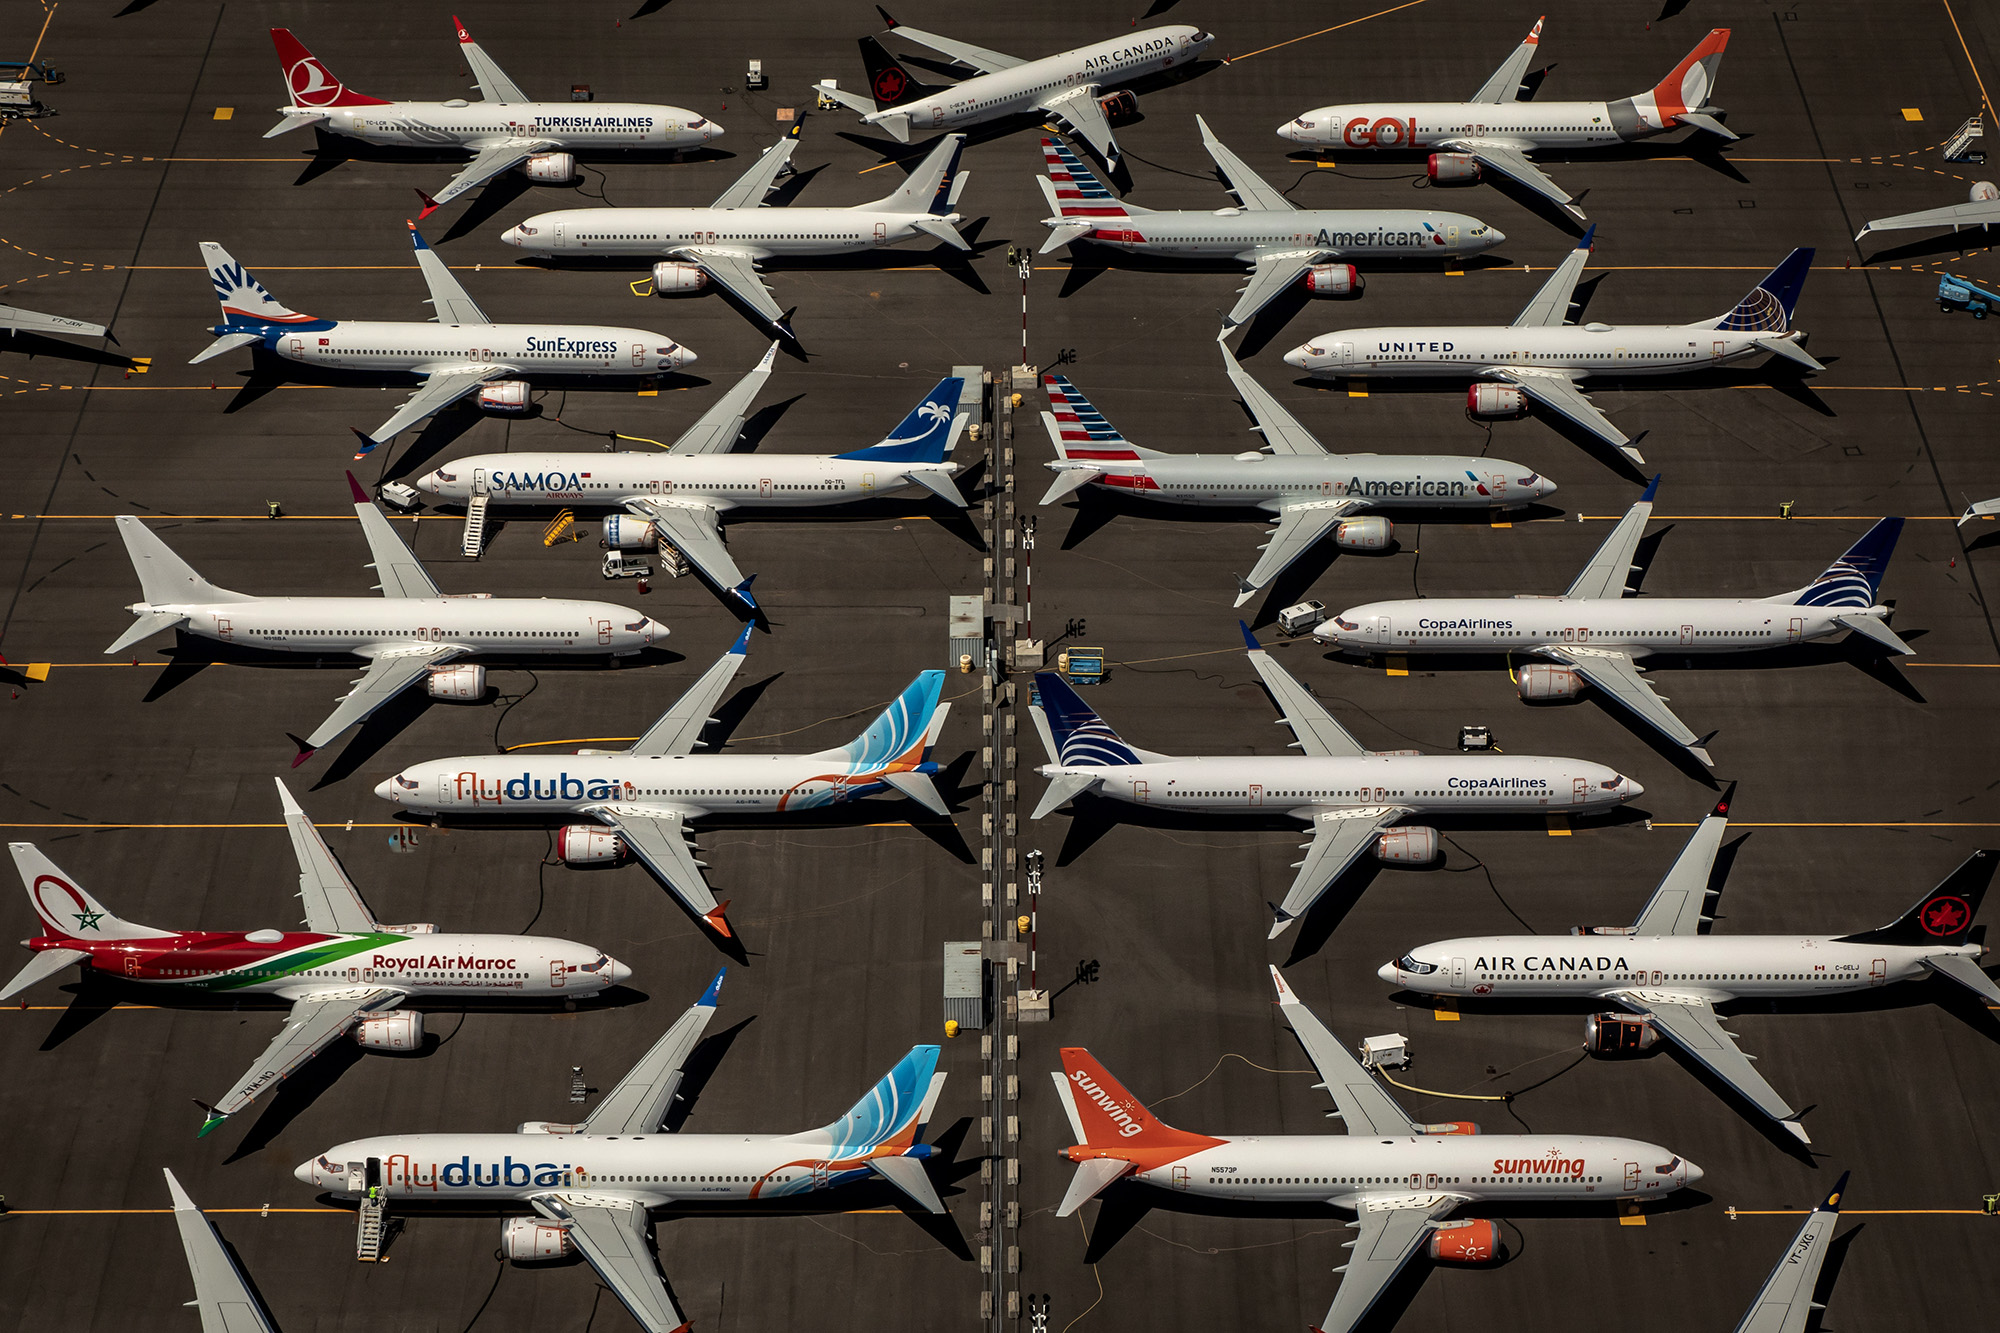 Boeing 737 MAX Saga - August 6, 2019